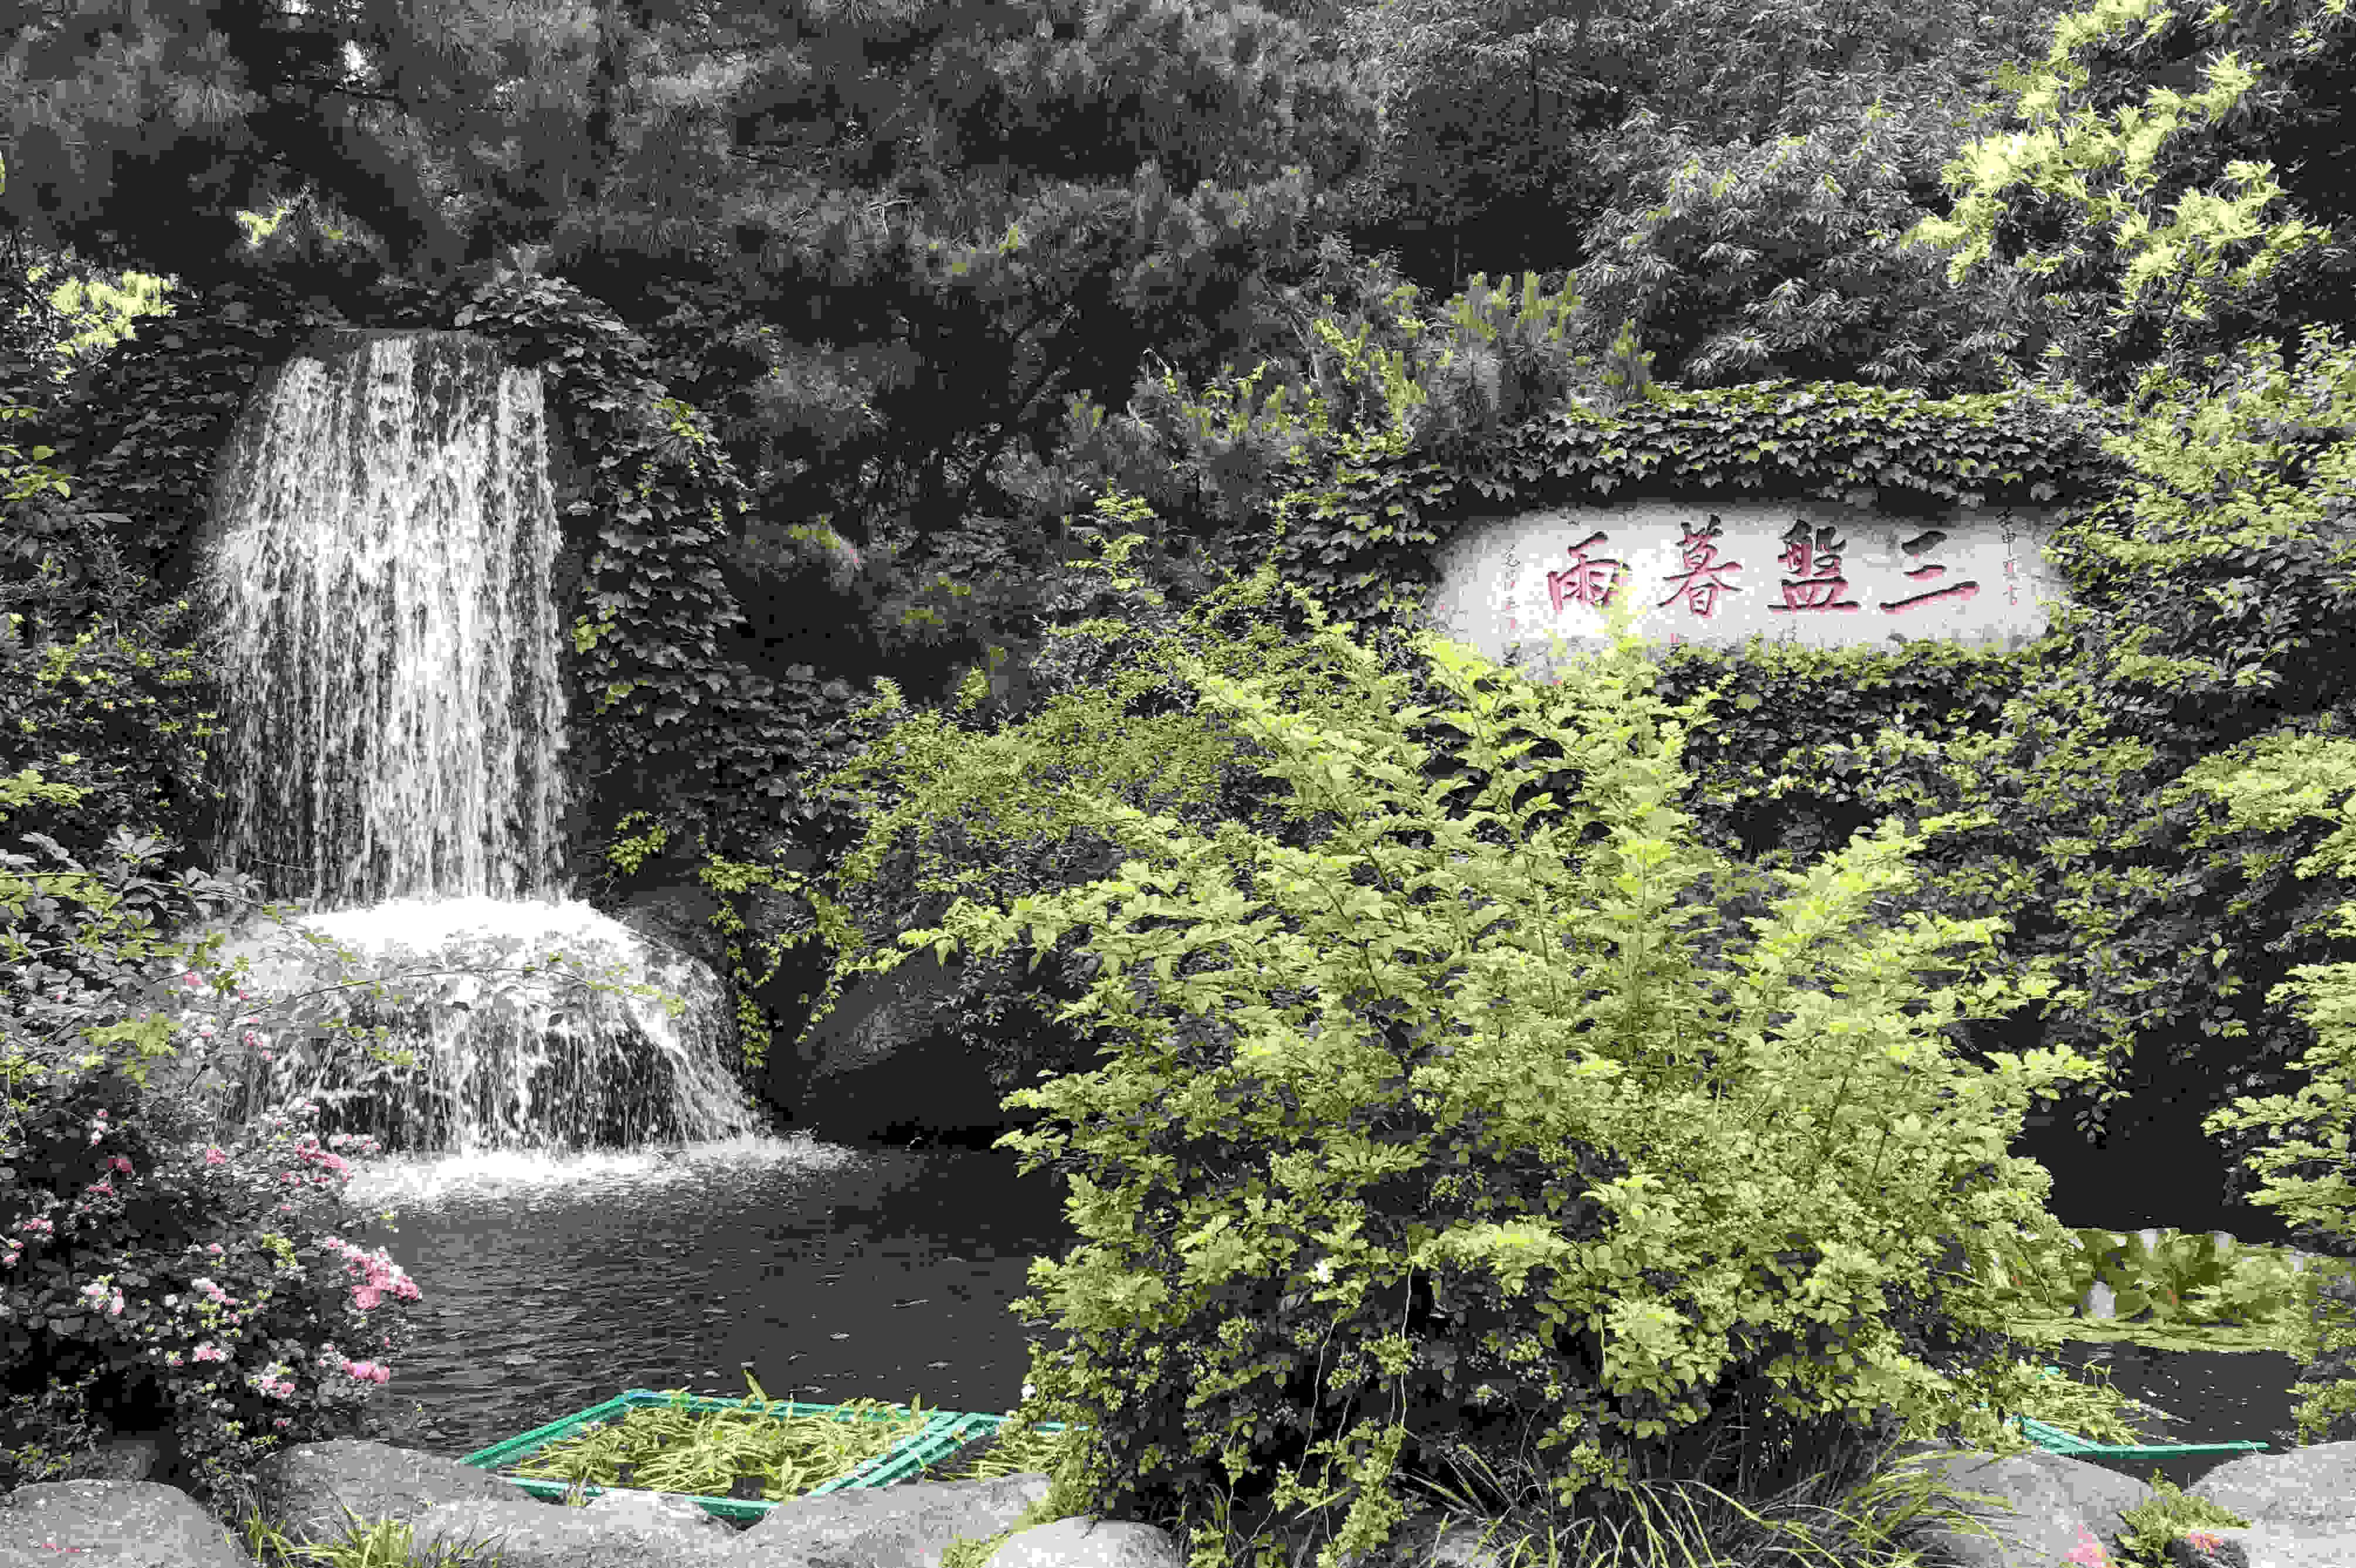 天津盘山1日巴士跟团游[踏青登山]佛教寺院与皇家园林共称